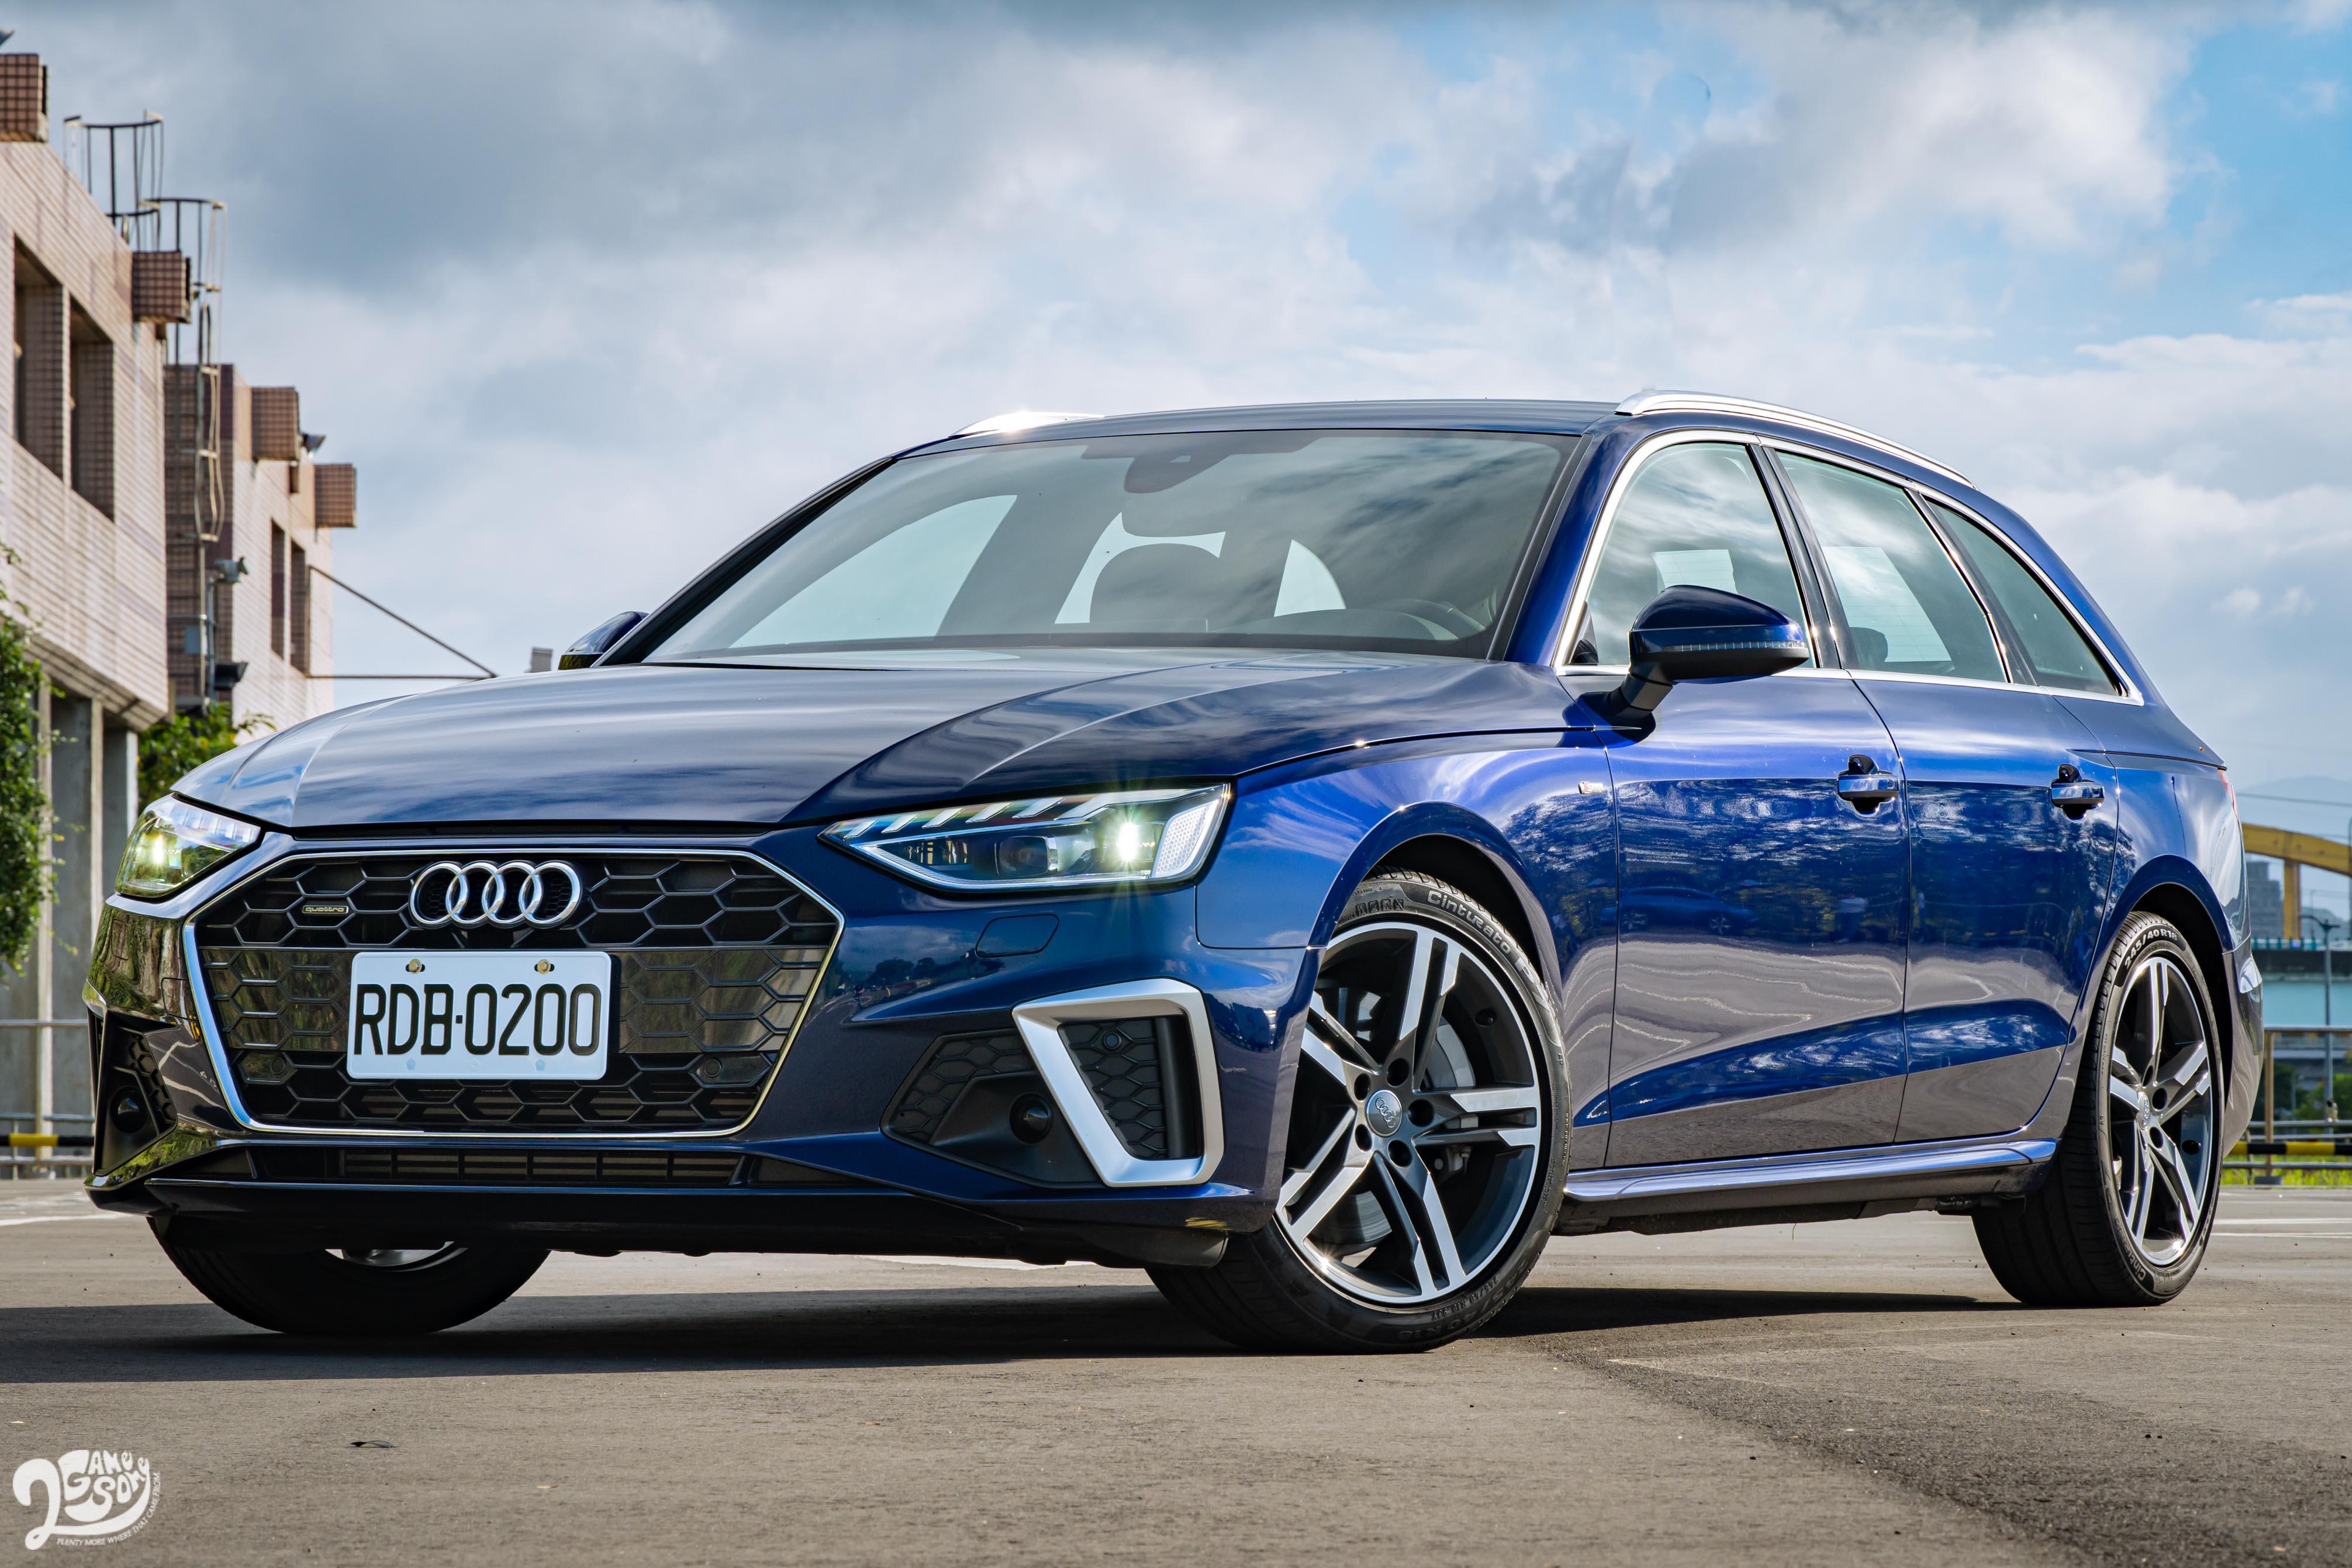 「金屬星際藍色」搭配專屬前後保桿、18 吋五爪輪圈還有旅行車輪廓,低調又不失氣場。